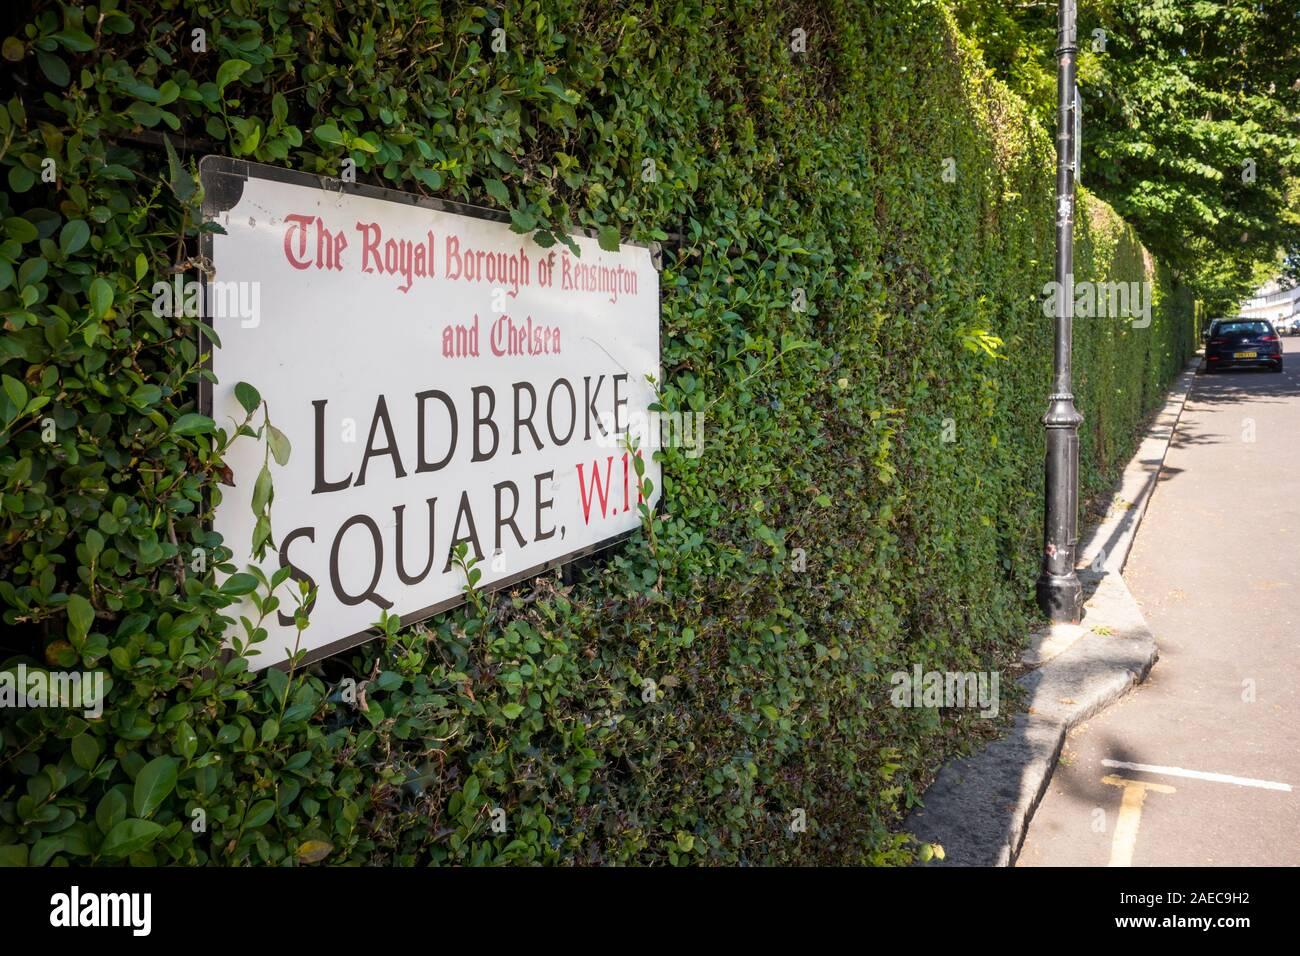 Ladbroke Square road name sign, Royal Borough of Kensington and Chelsea, London, UK Stock Photo